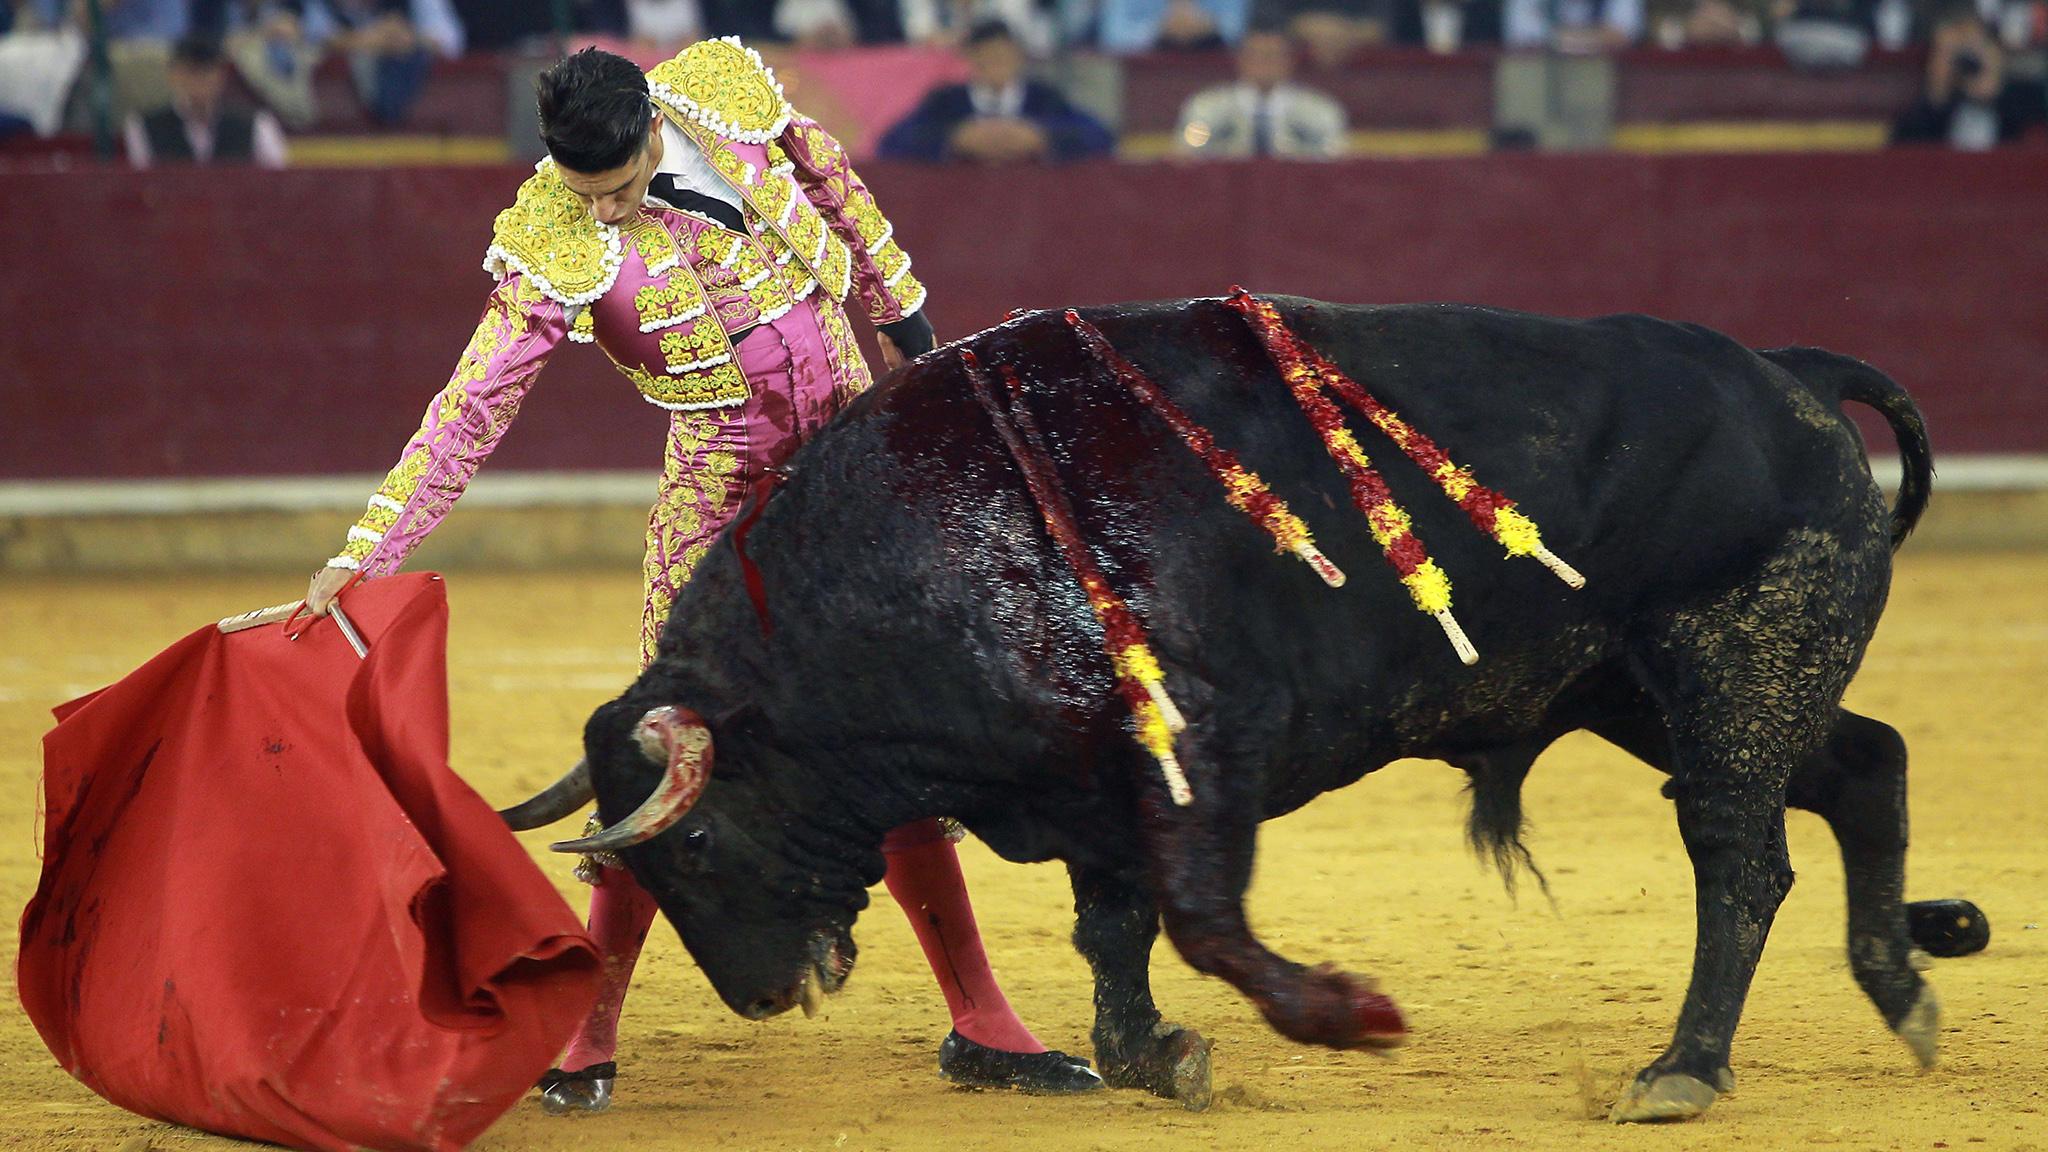 Spanish bull fighter wallpaper Vector Image